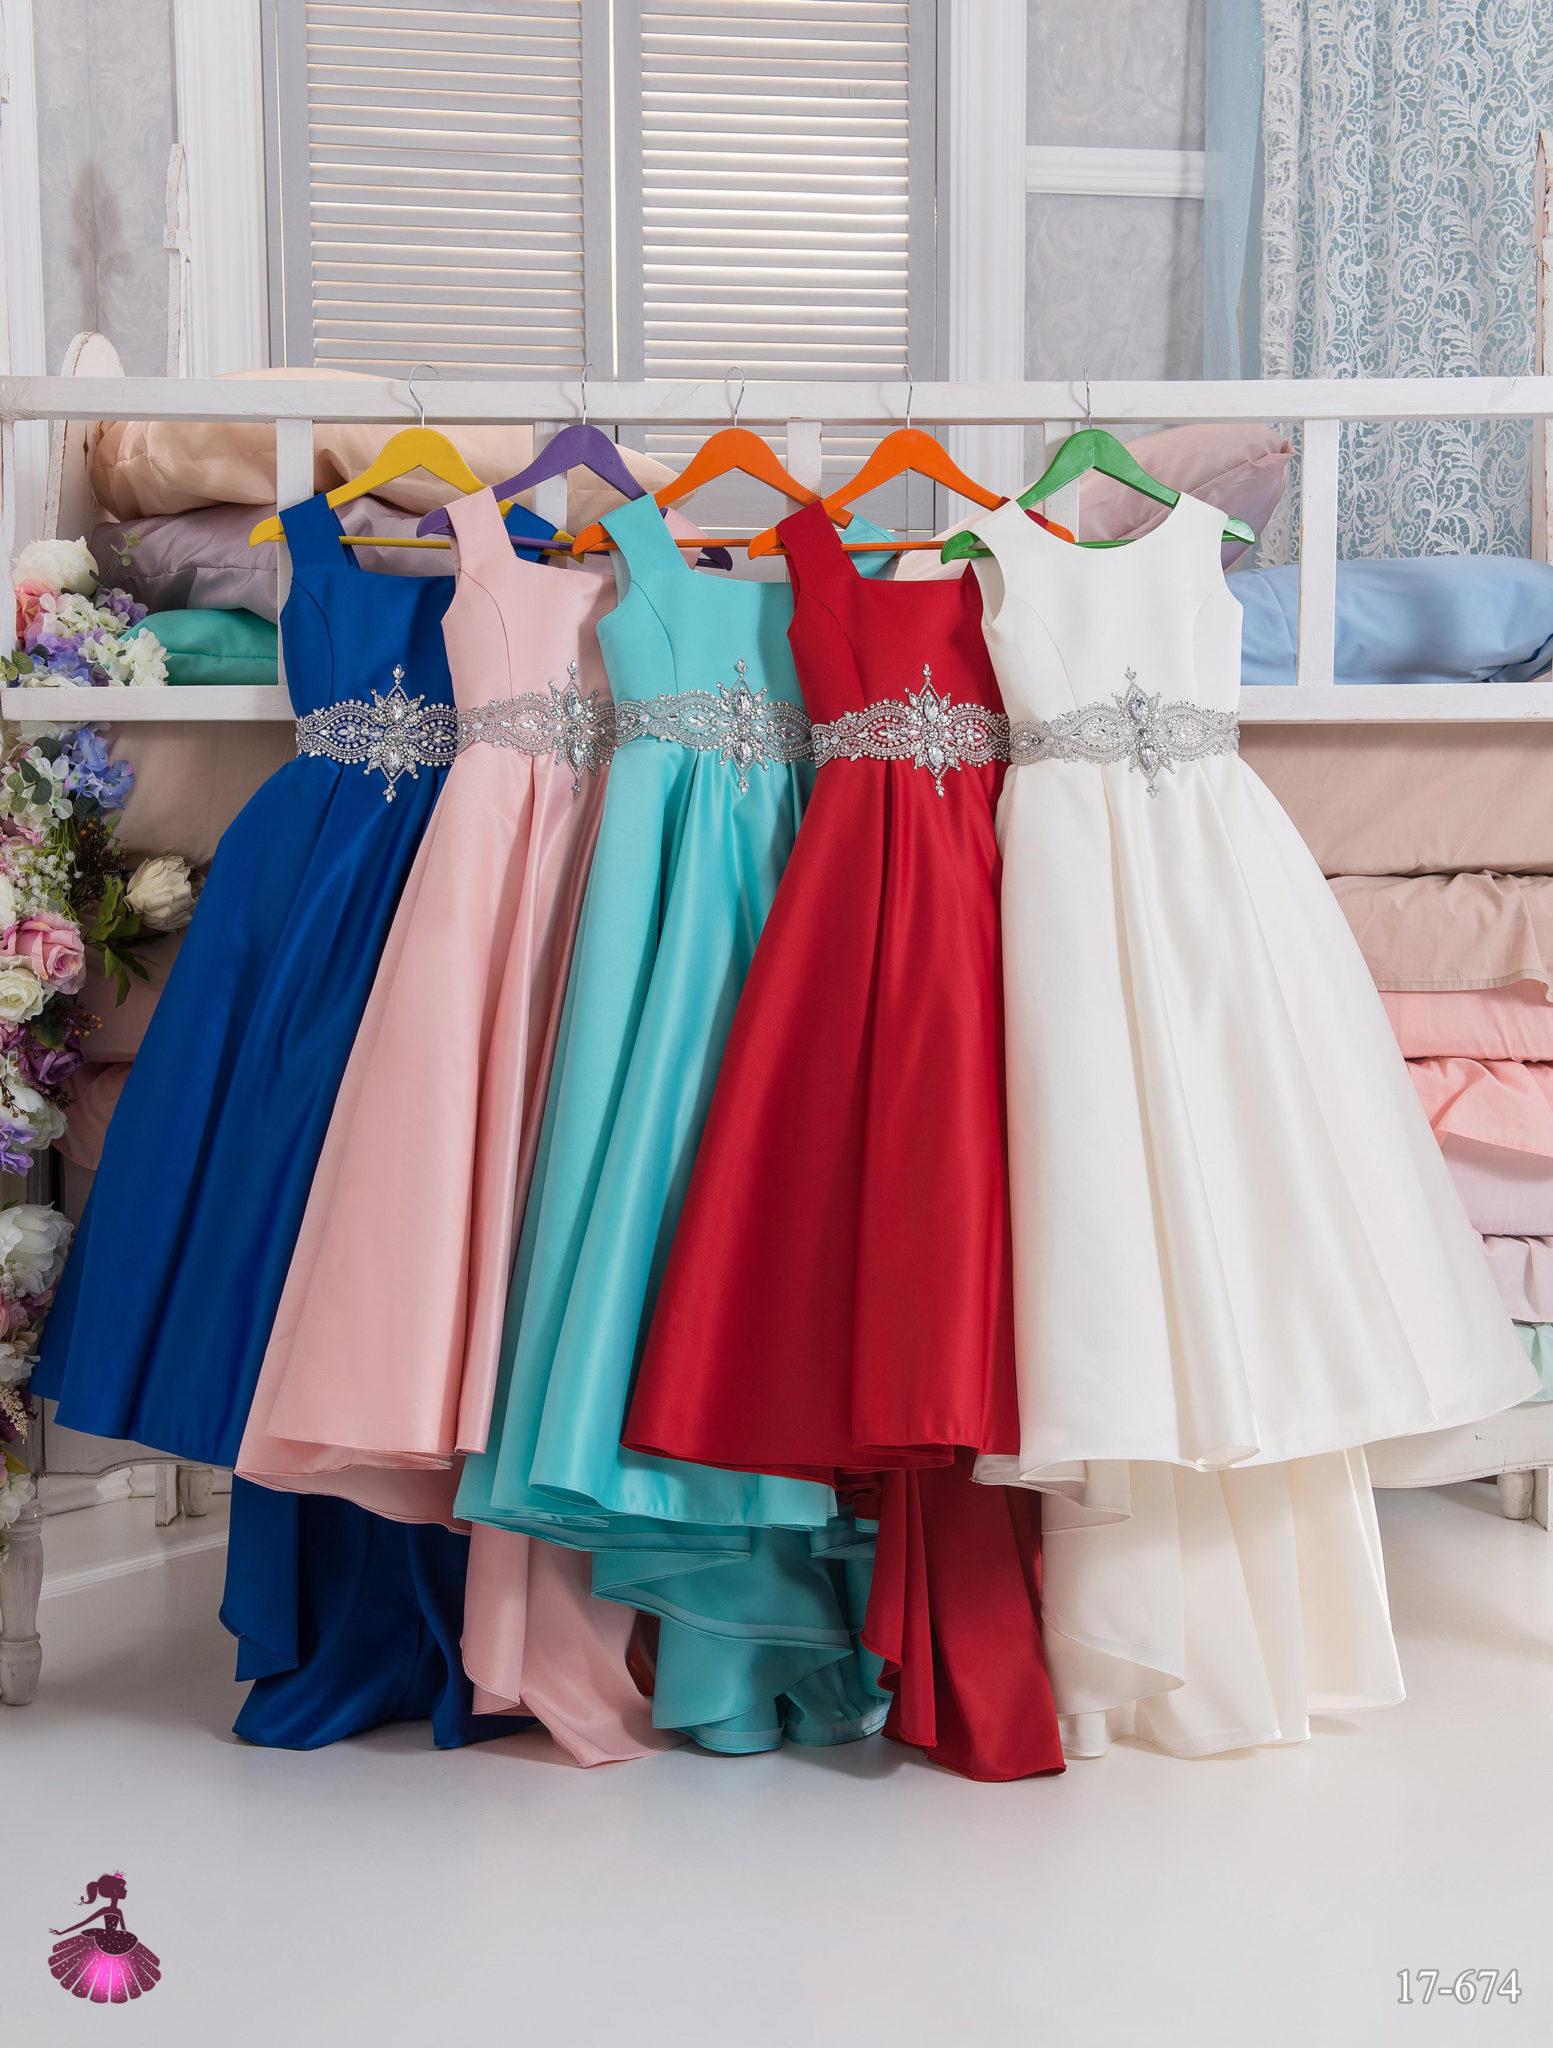 Аренда платьев Little queen dress в фотостудии Frontpage 17-674 2